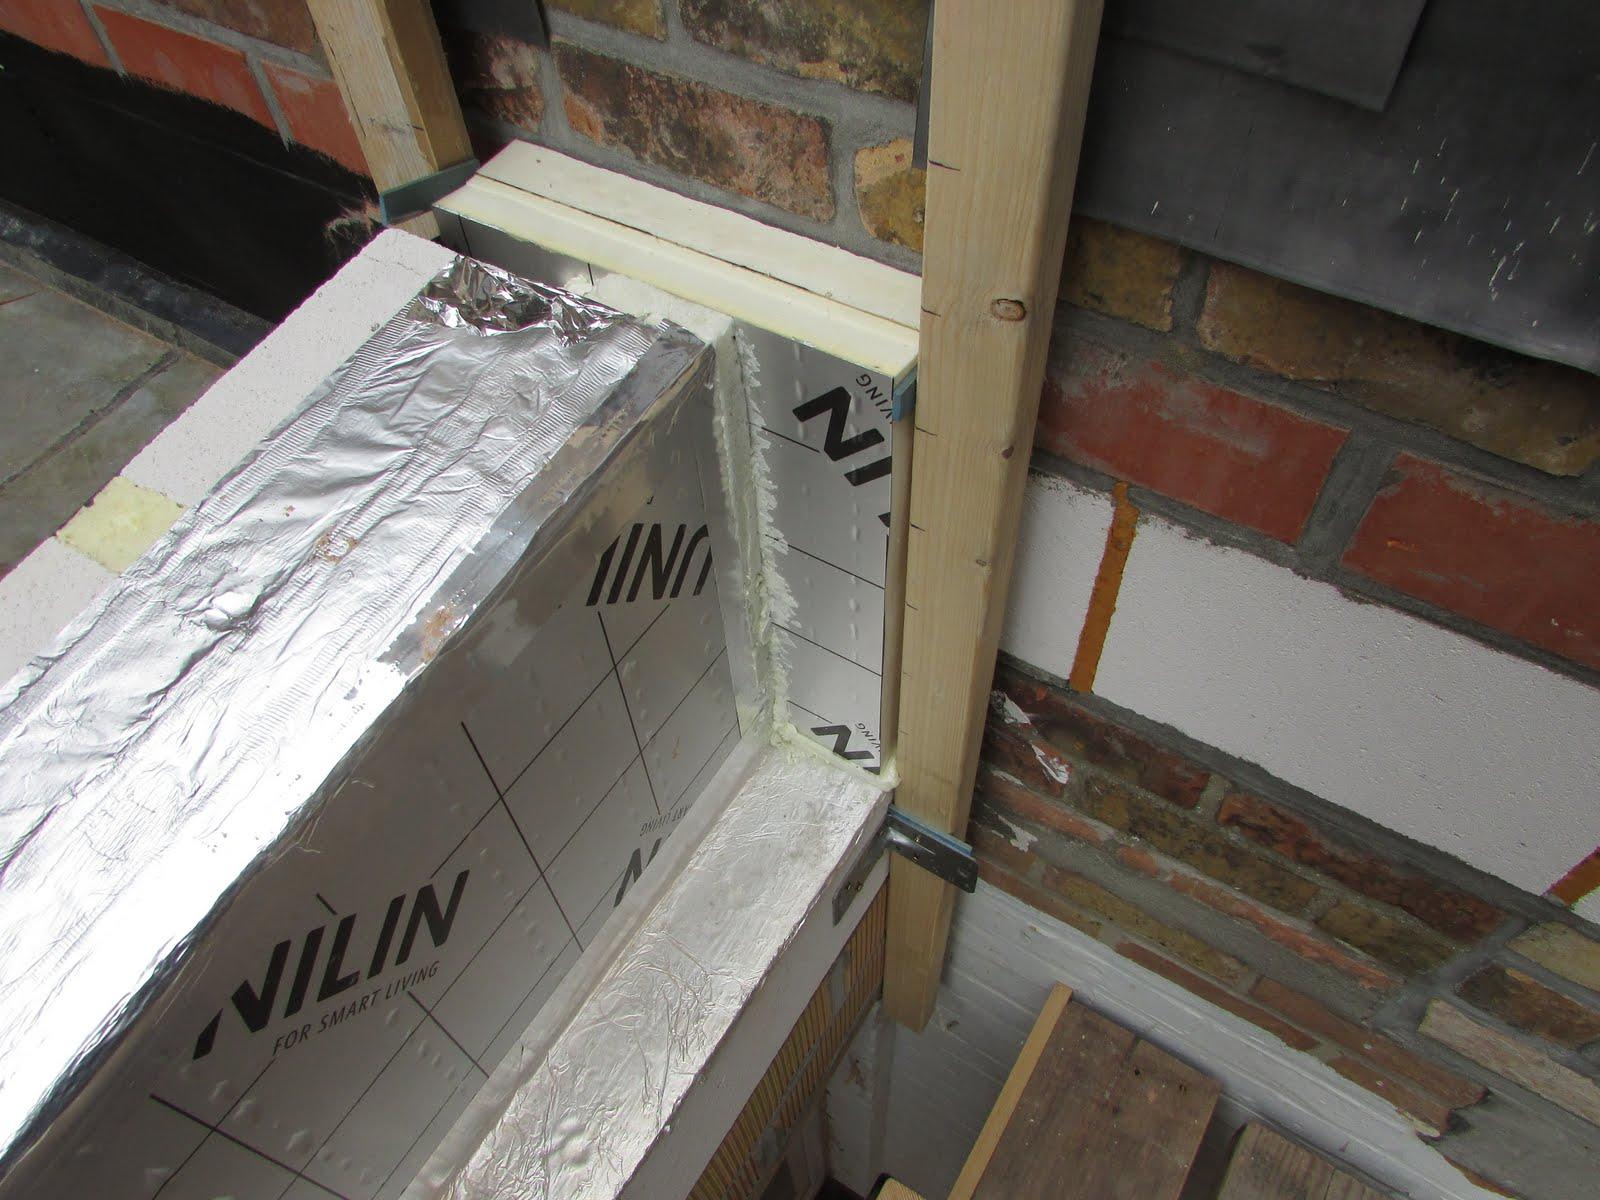 Verbouwing van ons ouderlijk huis ruwbouw uitbreiding 45 for Huis waterdicht maken